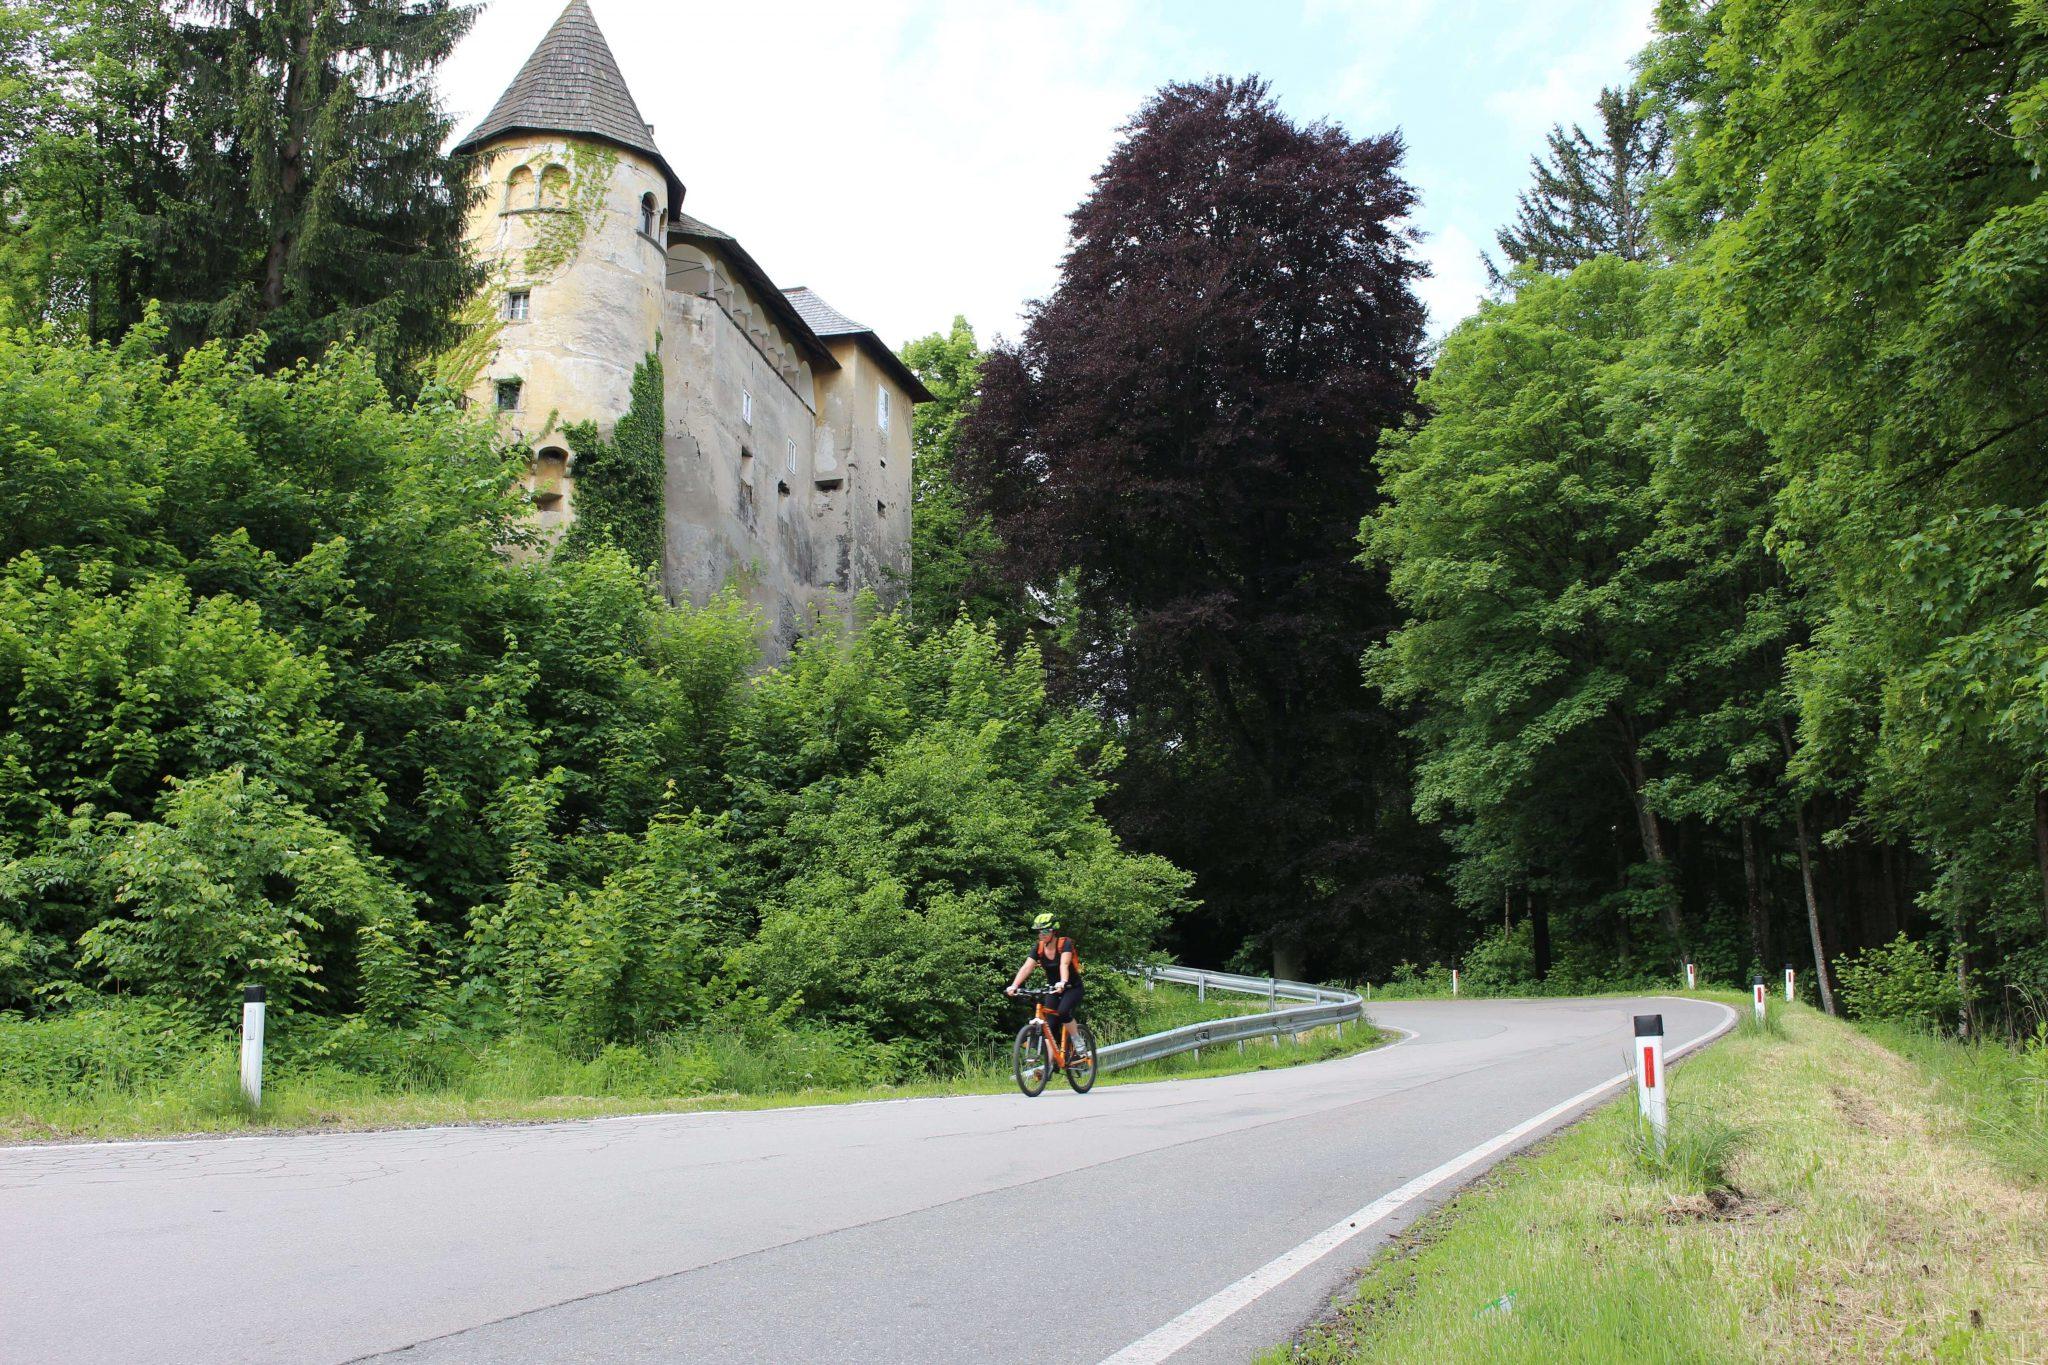 Schloss Hallegg, Radtour Klagenfurt, Radguide Carmen Delsnig, Reiseblog www.anitaaufreisen.at, die besten Tipps für Klagenfurt